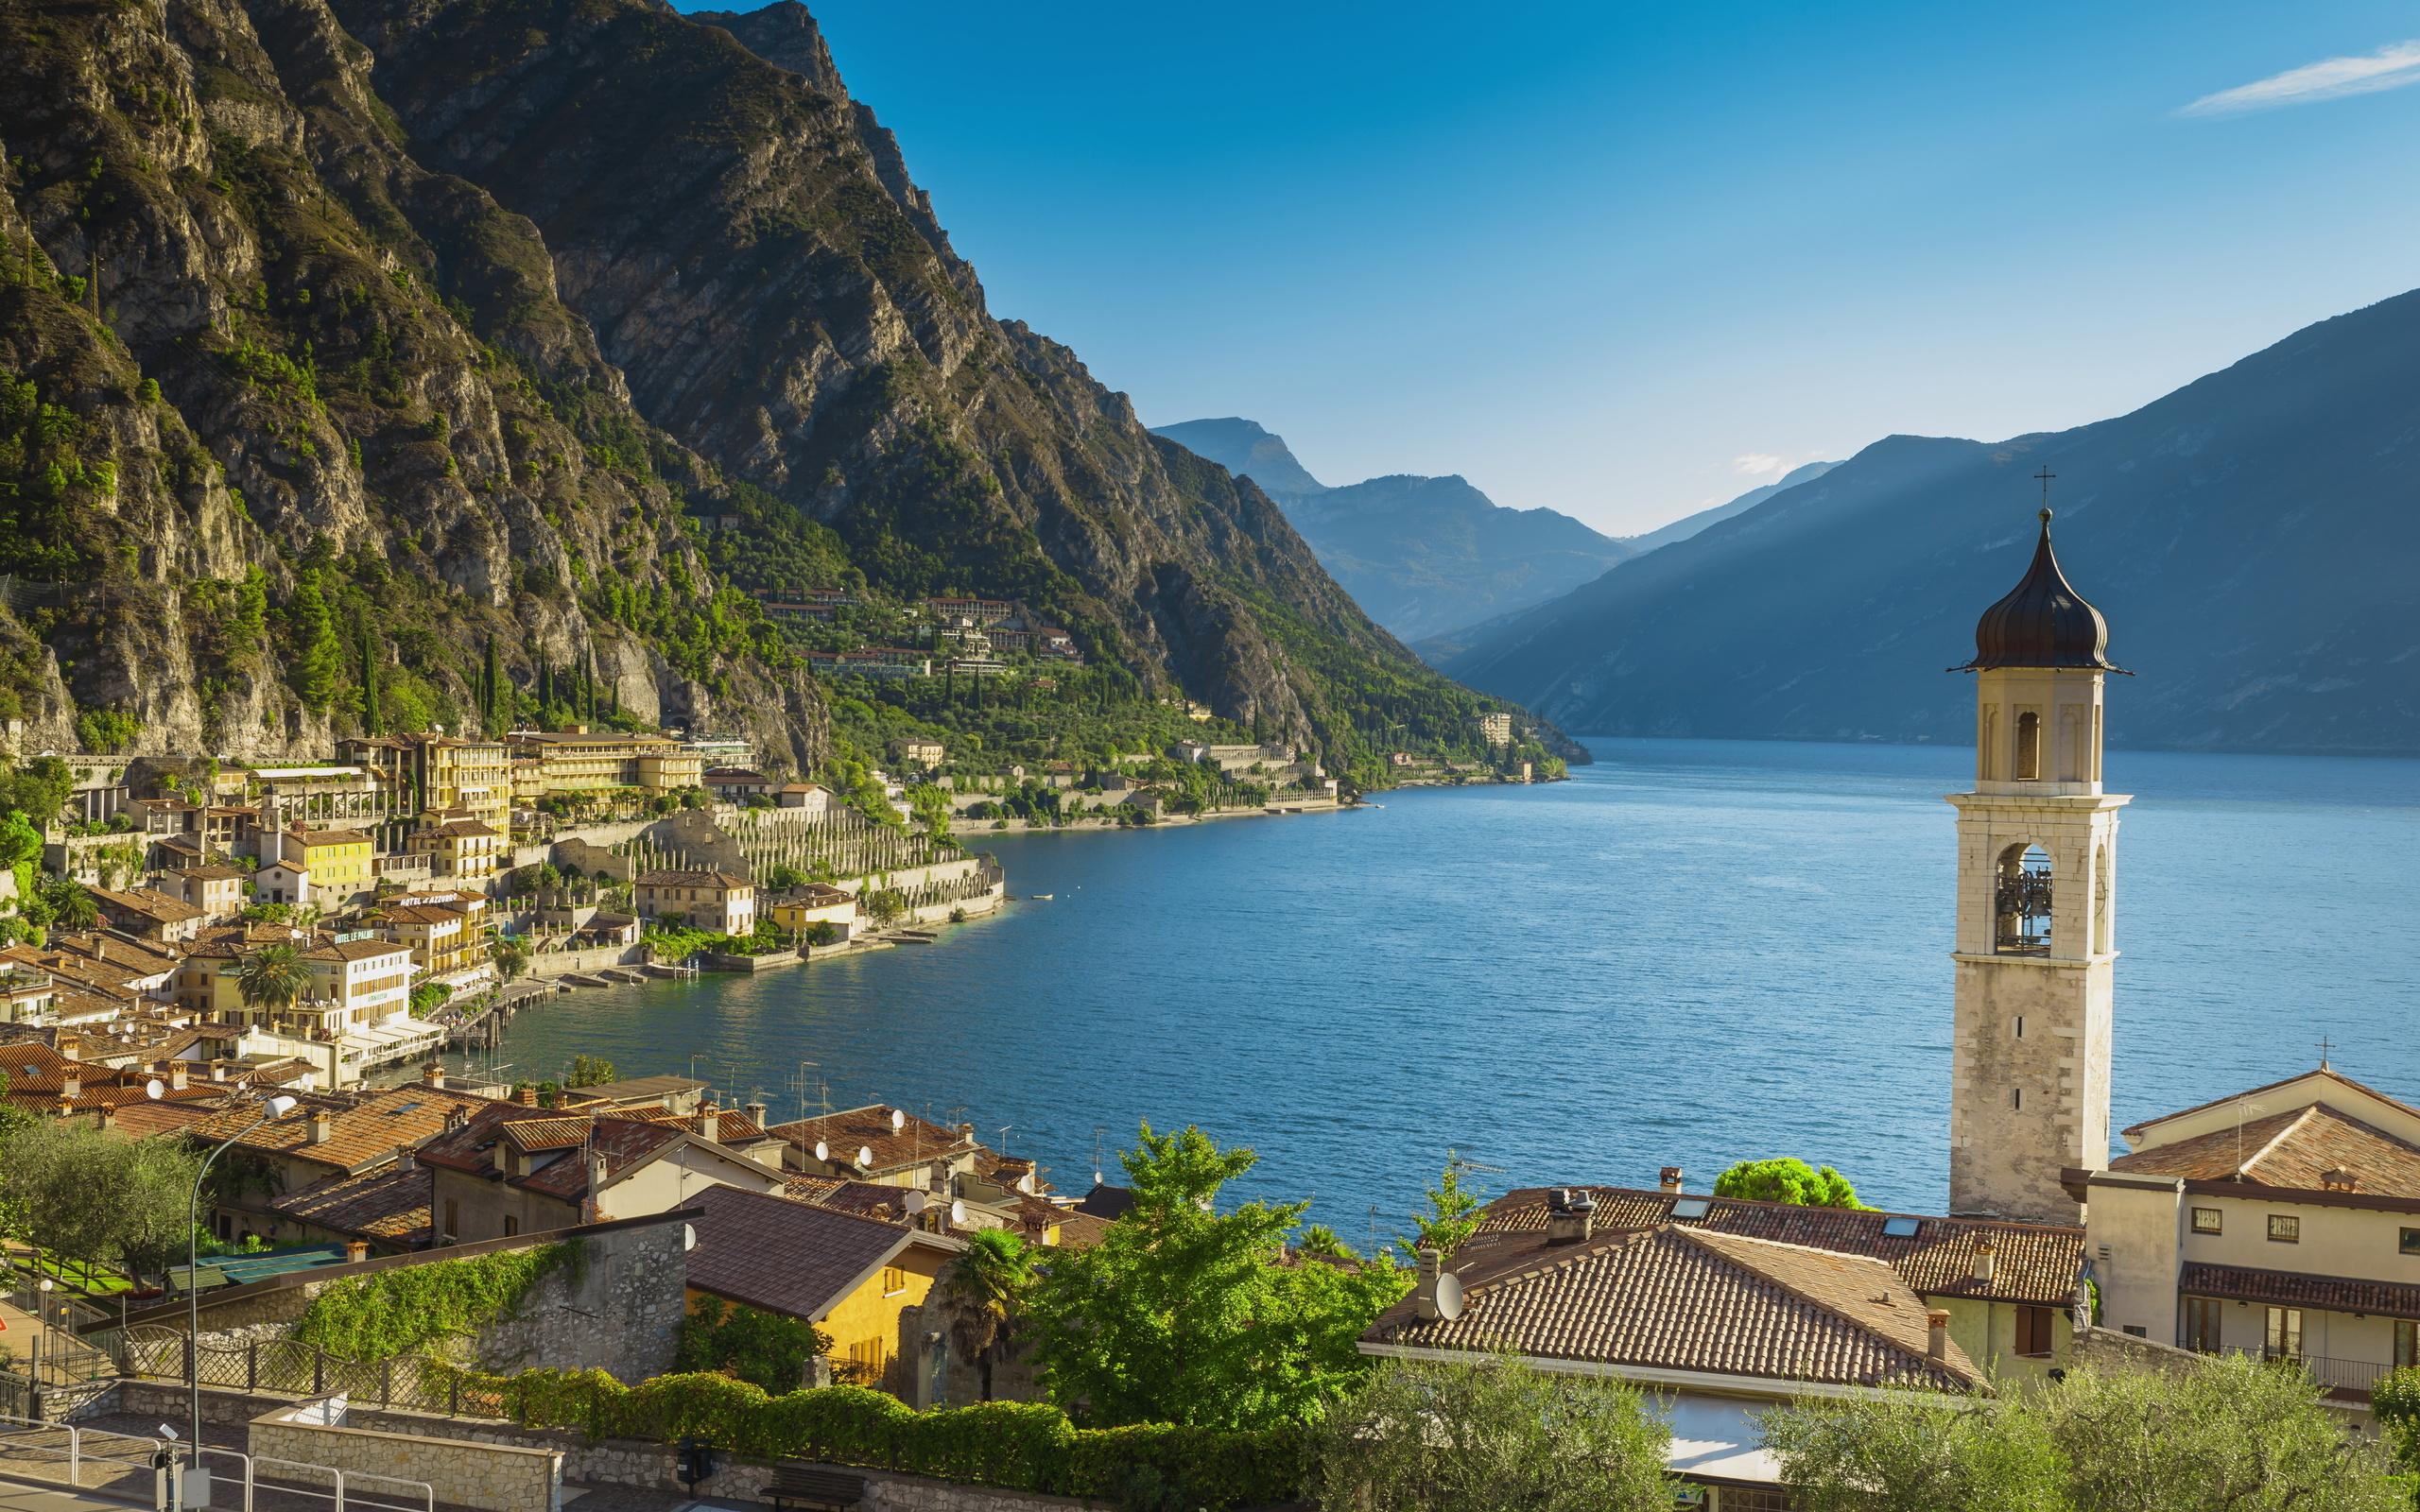 италия, озеро, побережье, горы, церковь, lake, garda, альпы, город